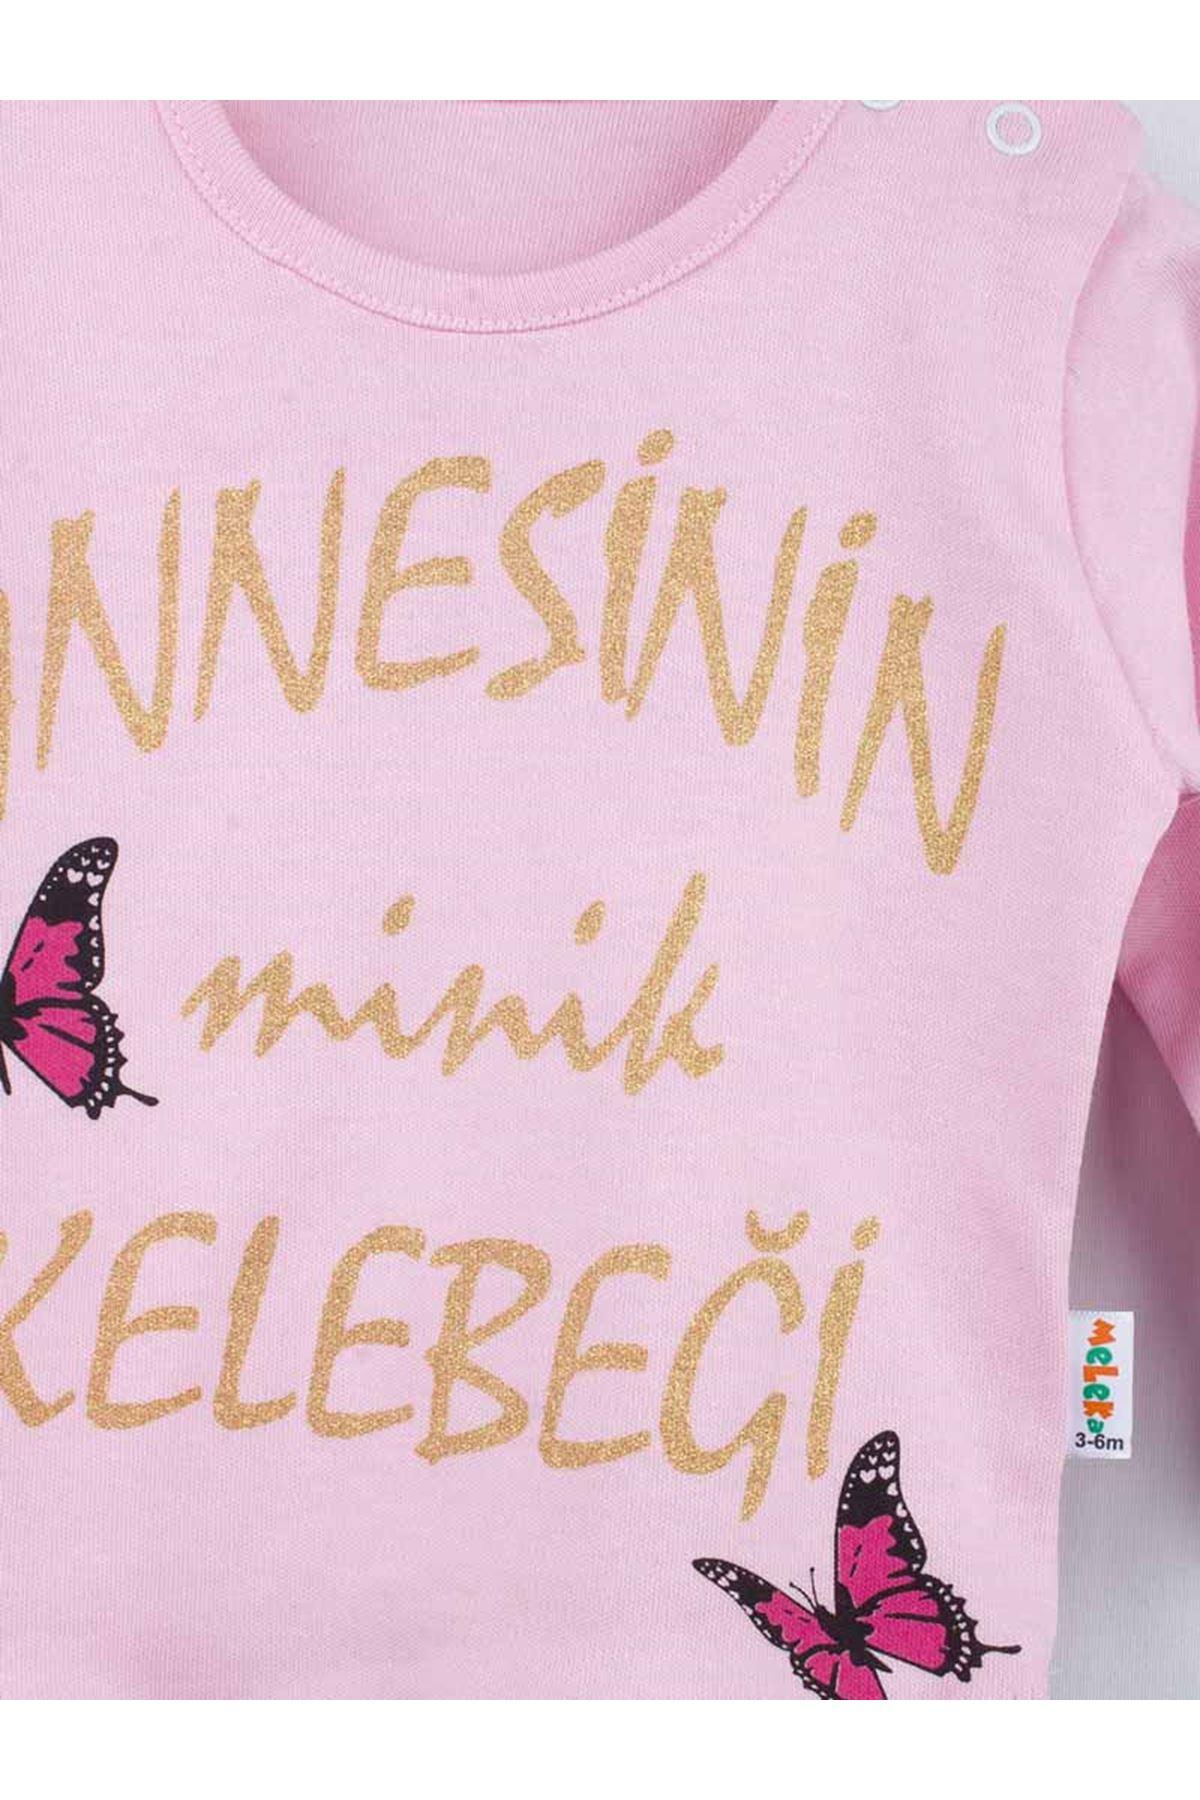 Pembe Mevsimlik Annesinin Minik Kelebeği Kız Bebek 2 li Takım